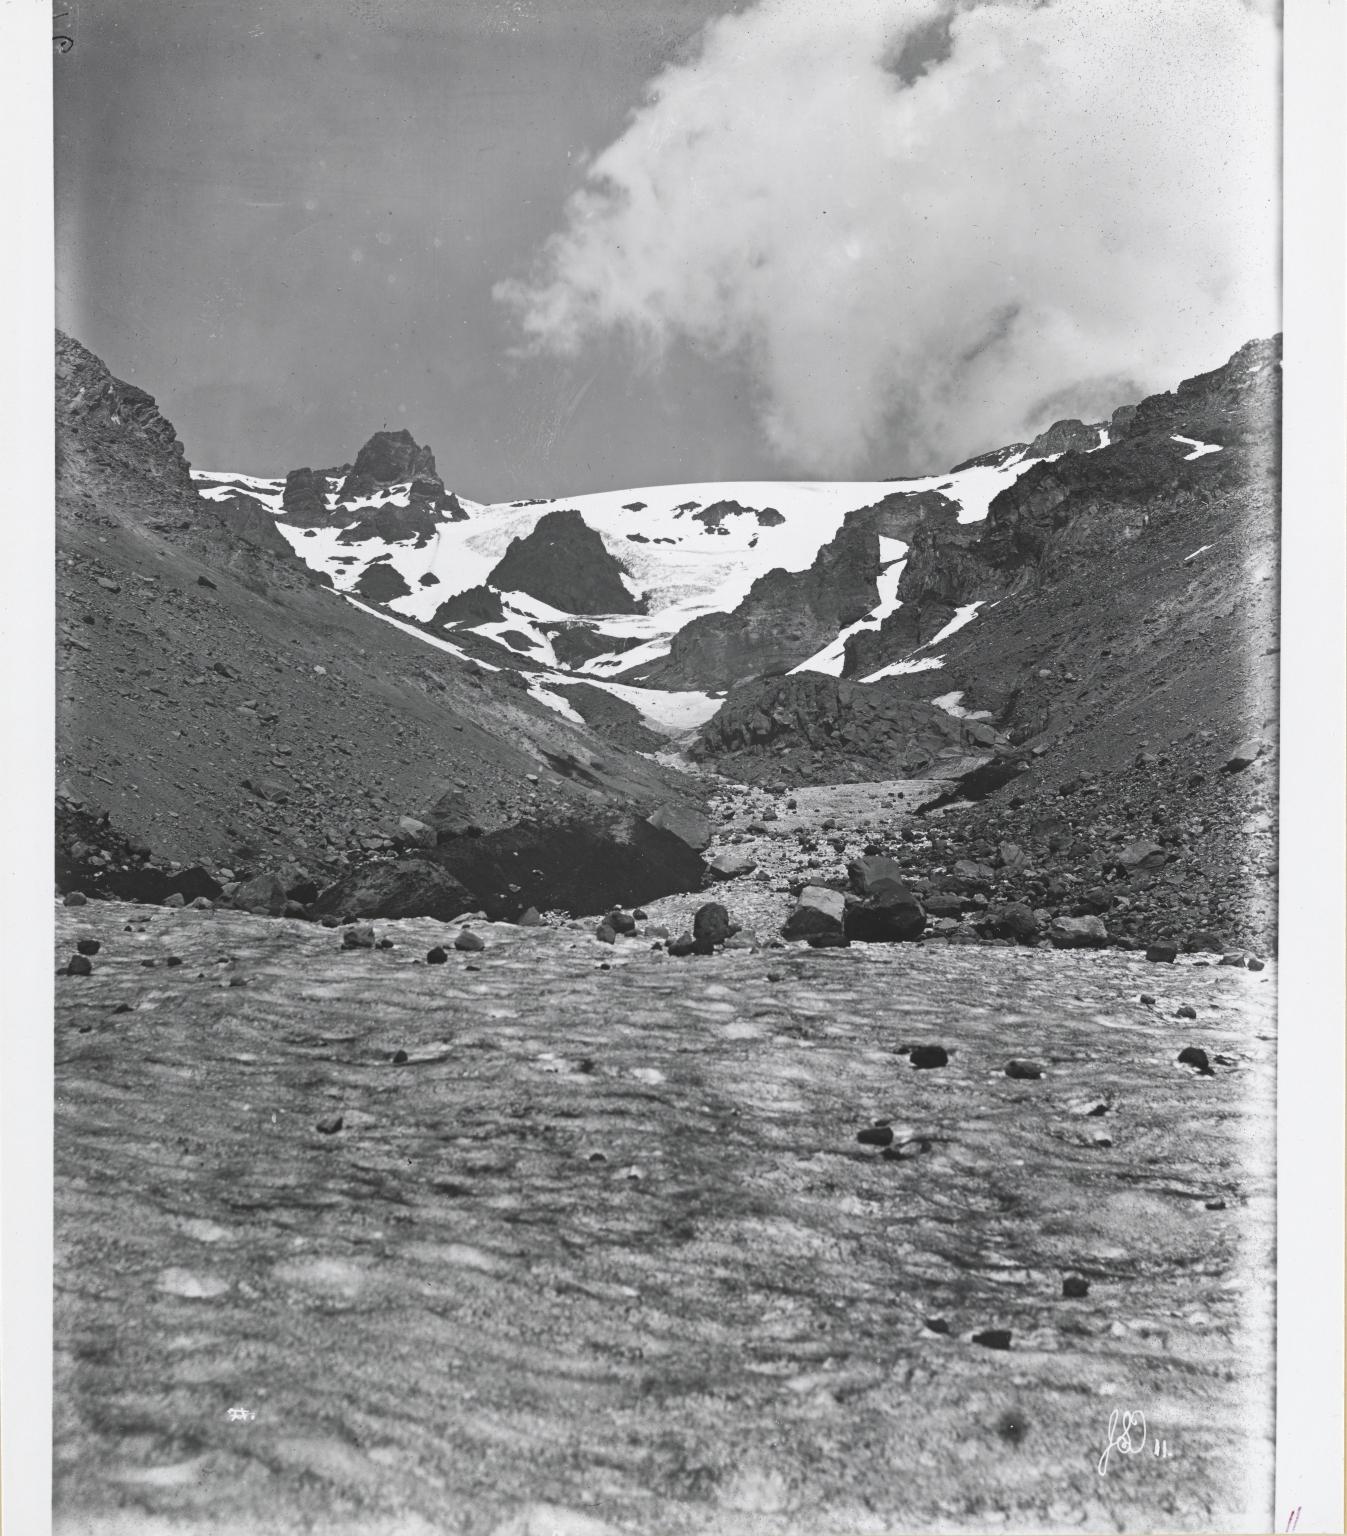 Konwakiton Glacier, California